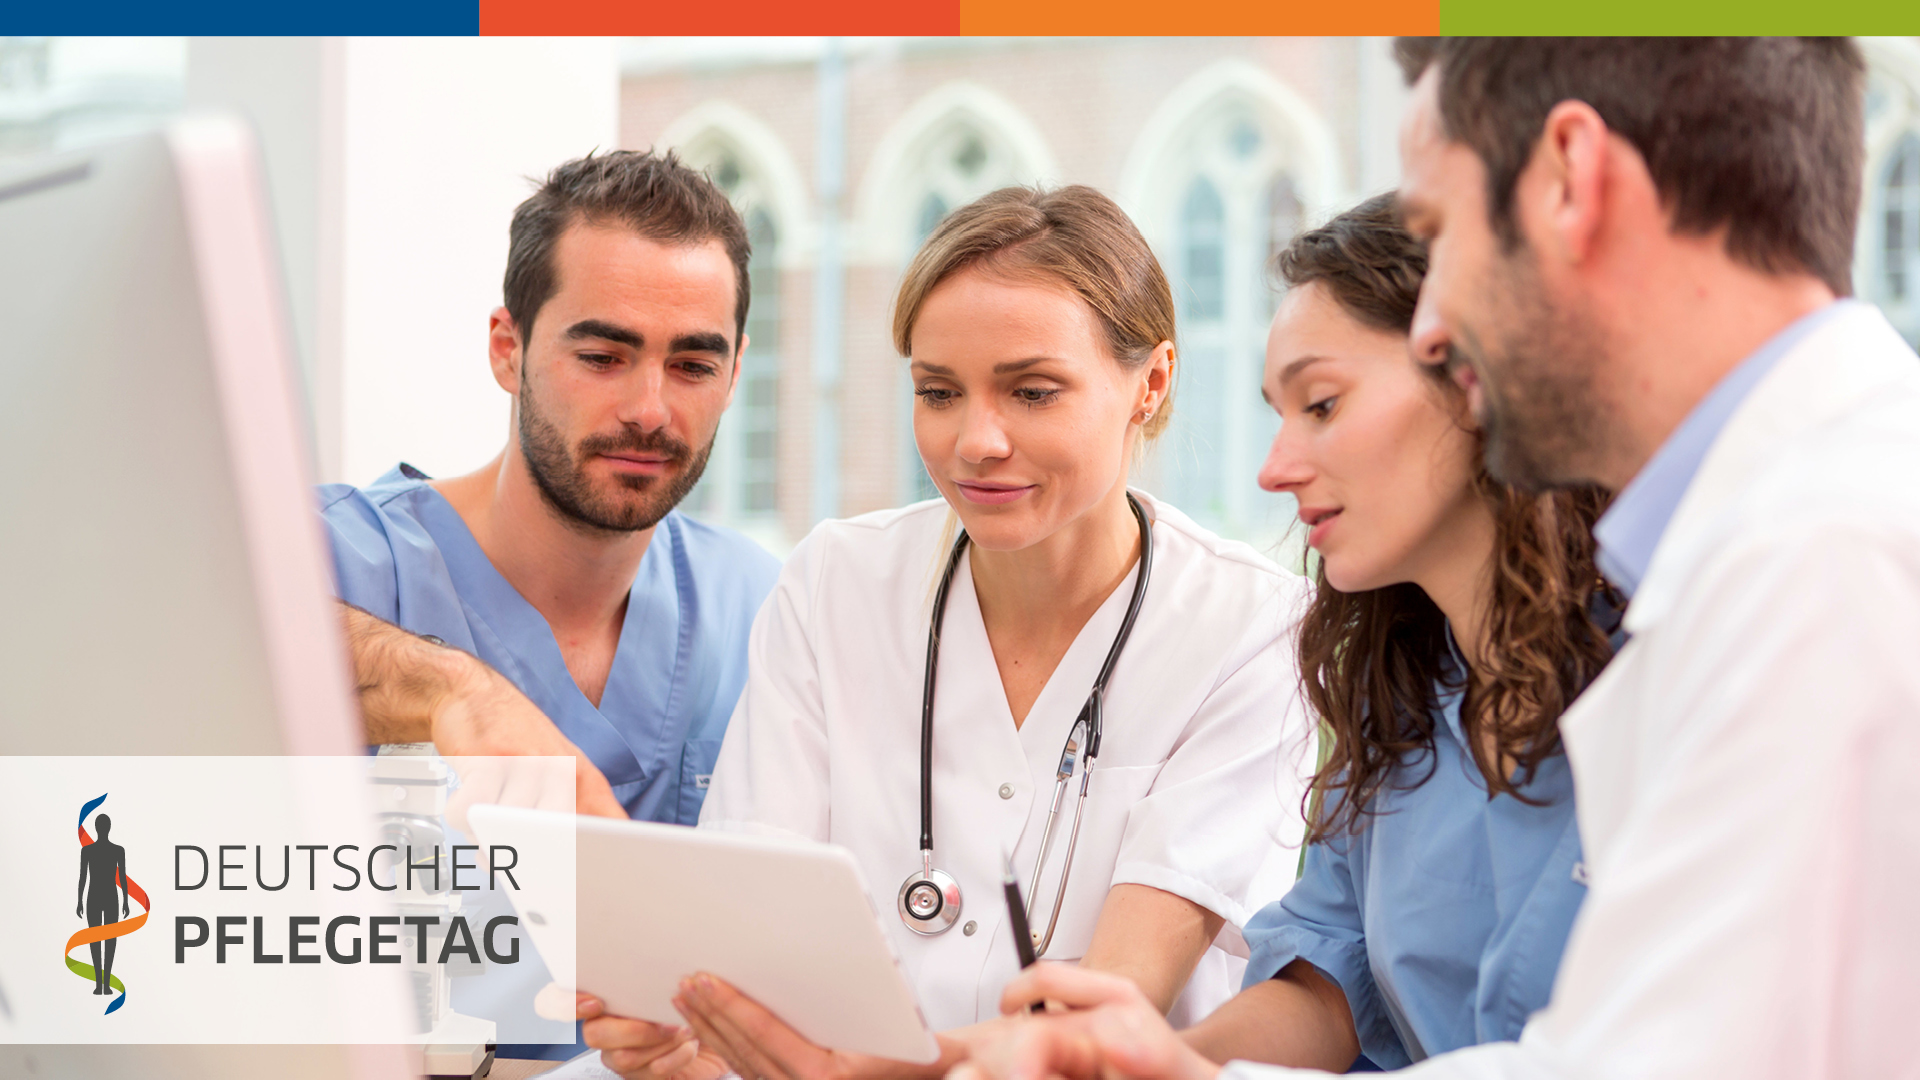 DPT – Deutscher Pflegetag